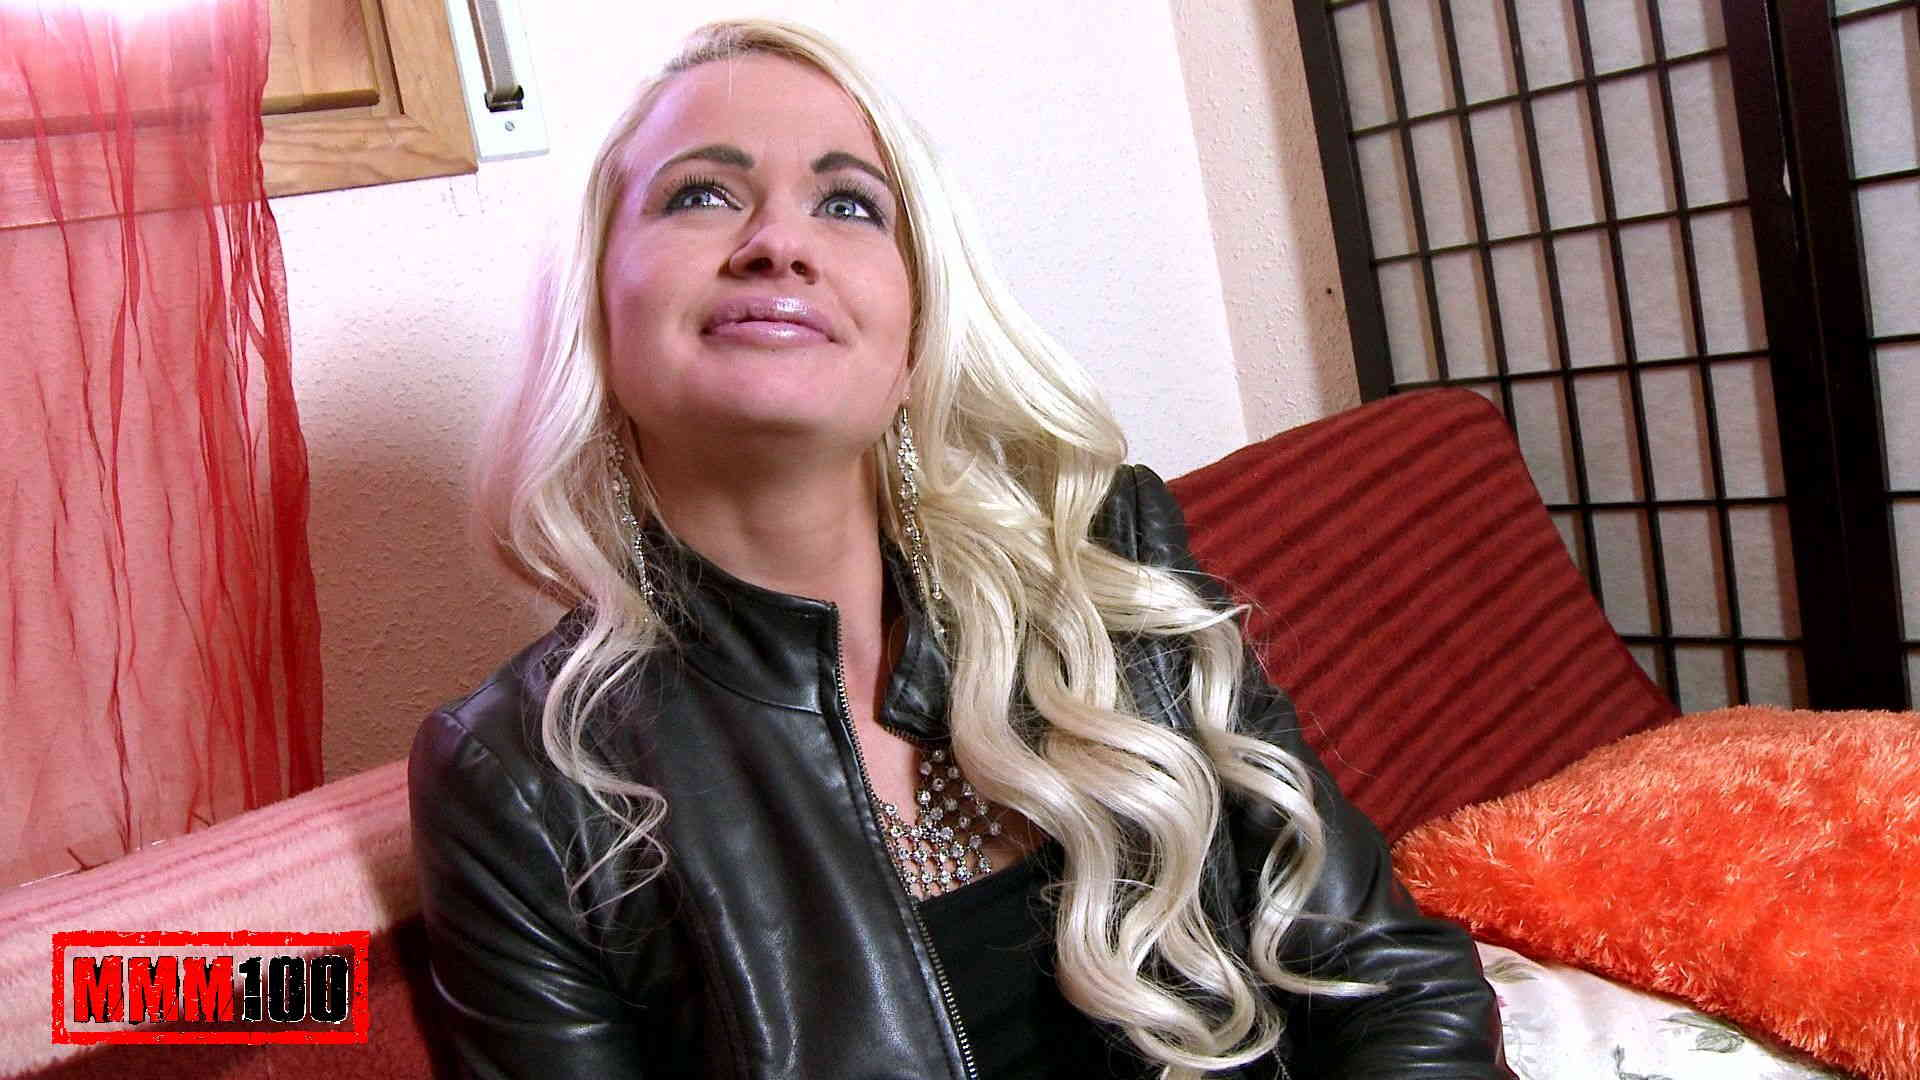 Синди вортекс секс, Виртуозный секс с сексуальной гимнасткой Синди 23 фотография